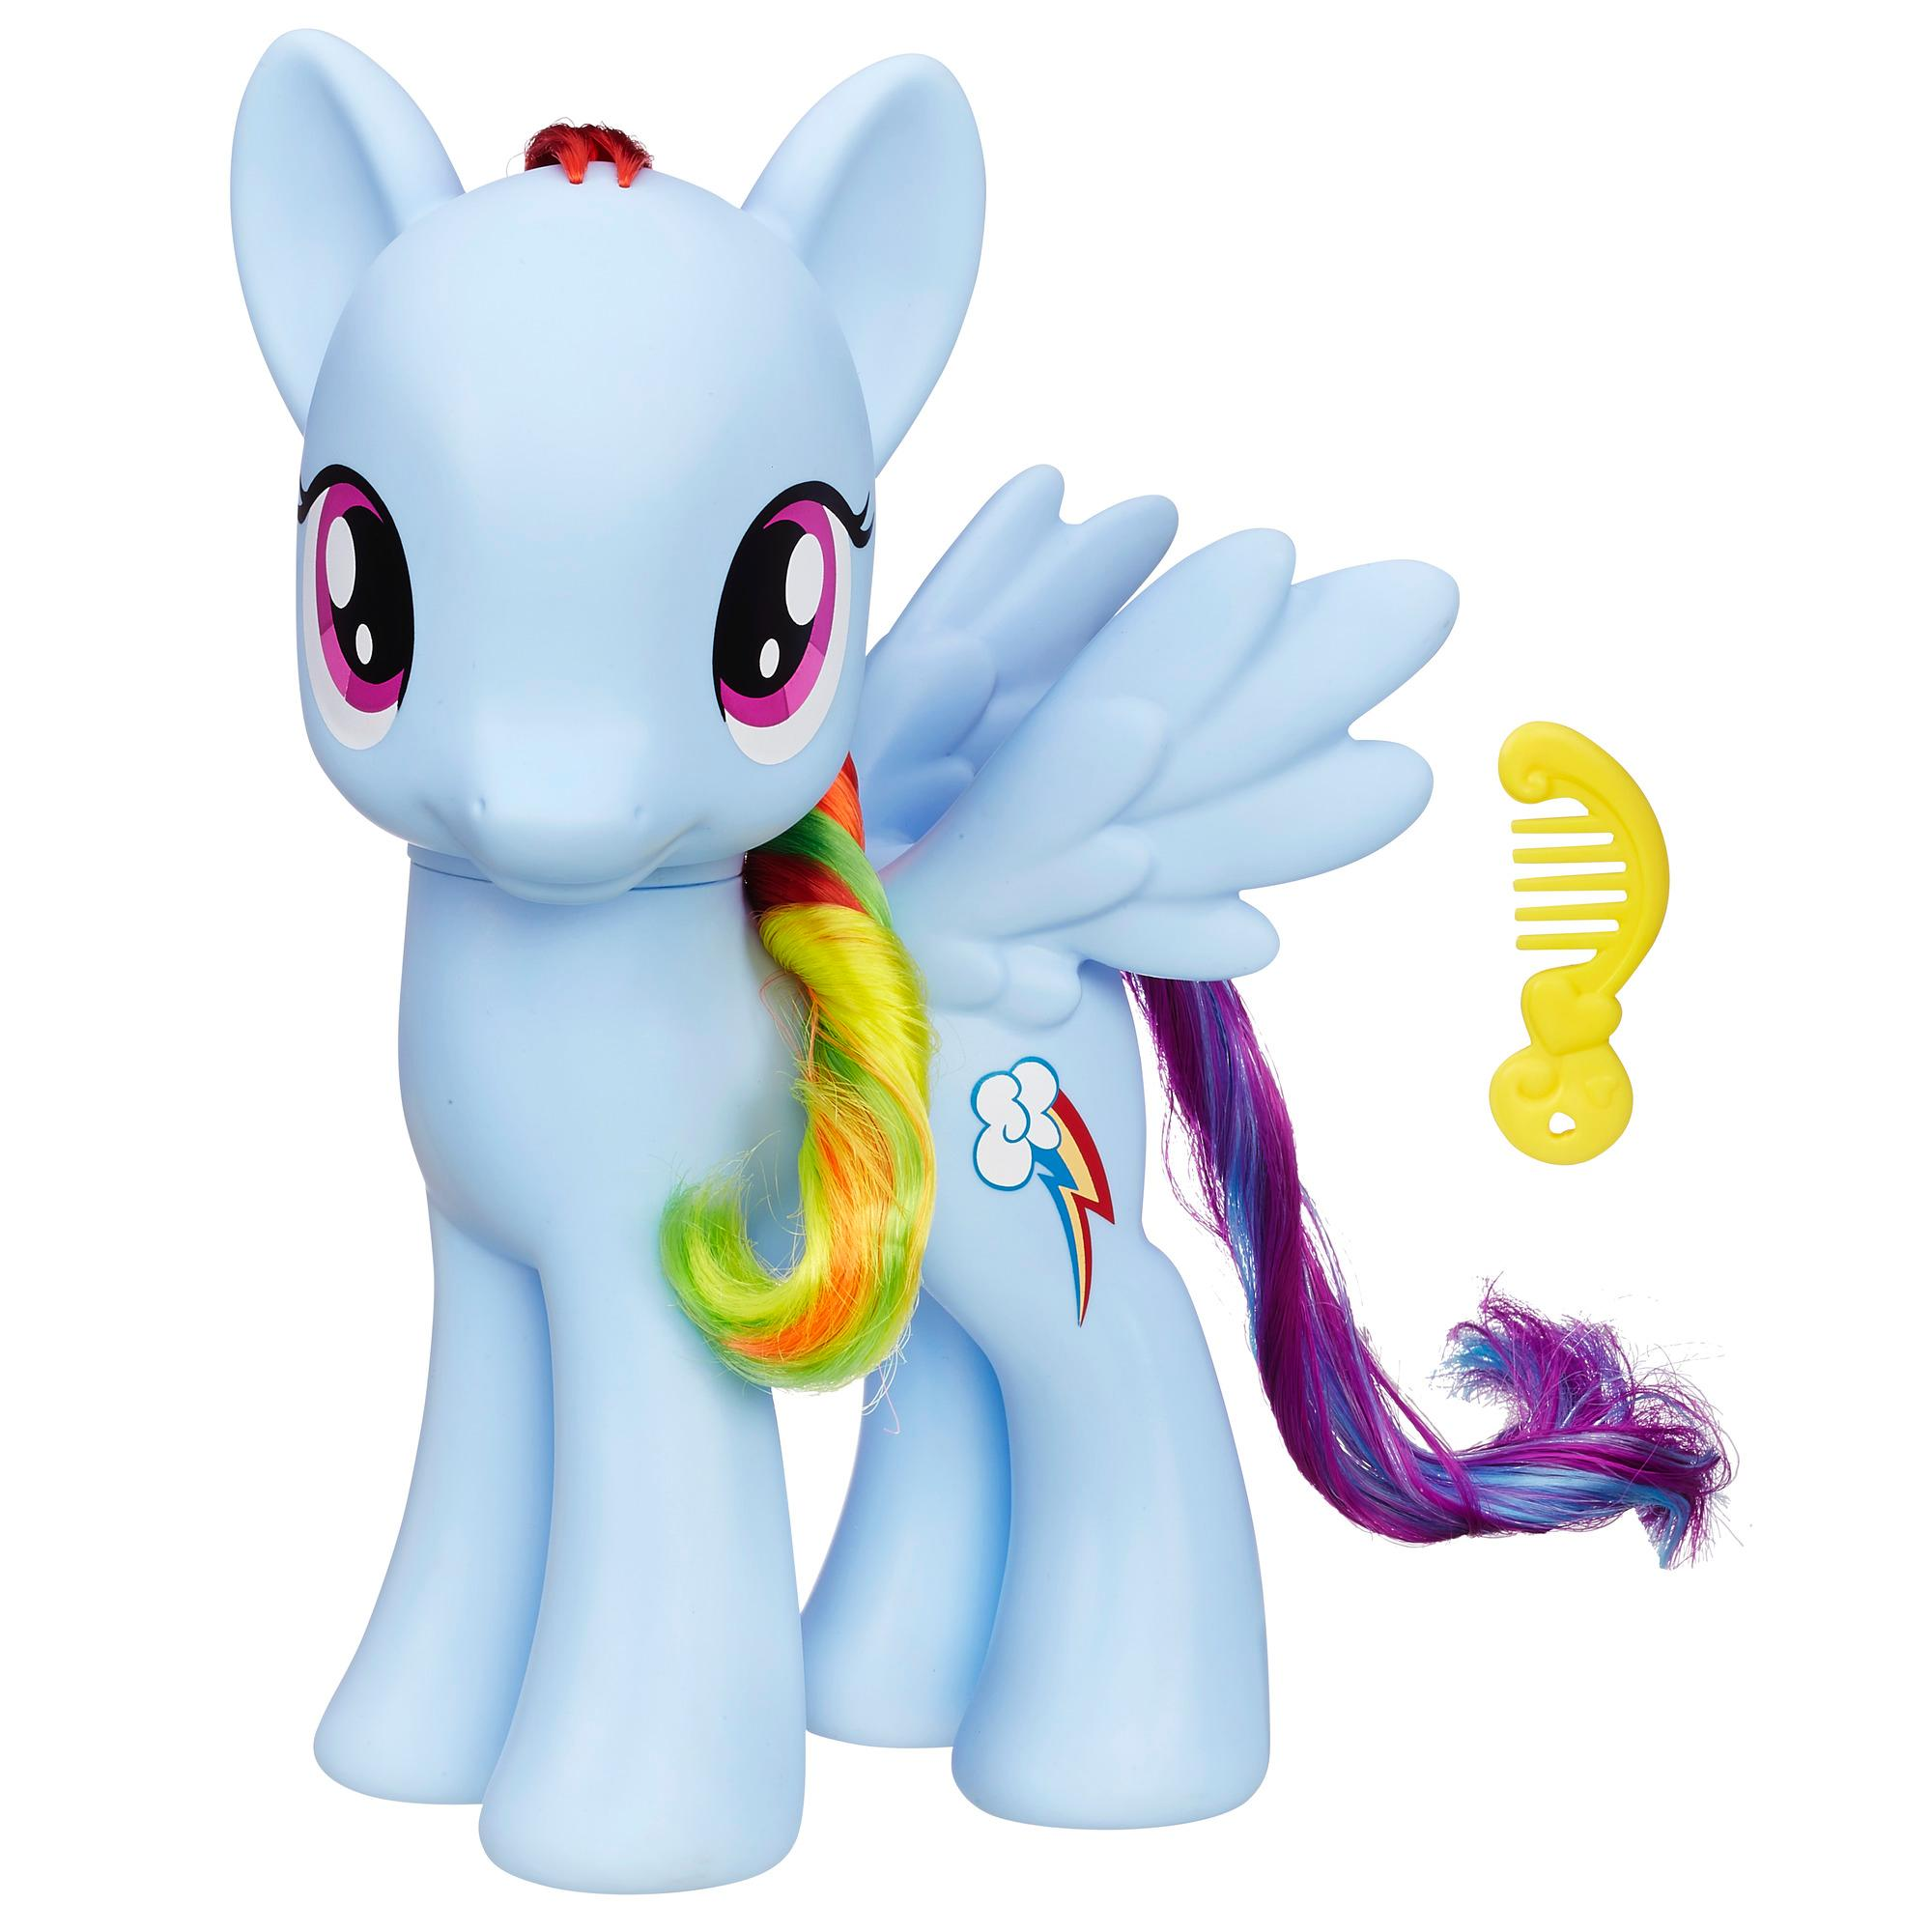 My Little Pony La magie de l'amitié - Figurine Rainbow Dash de 20 cm